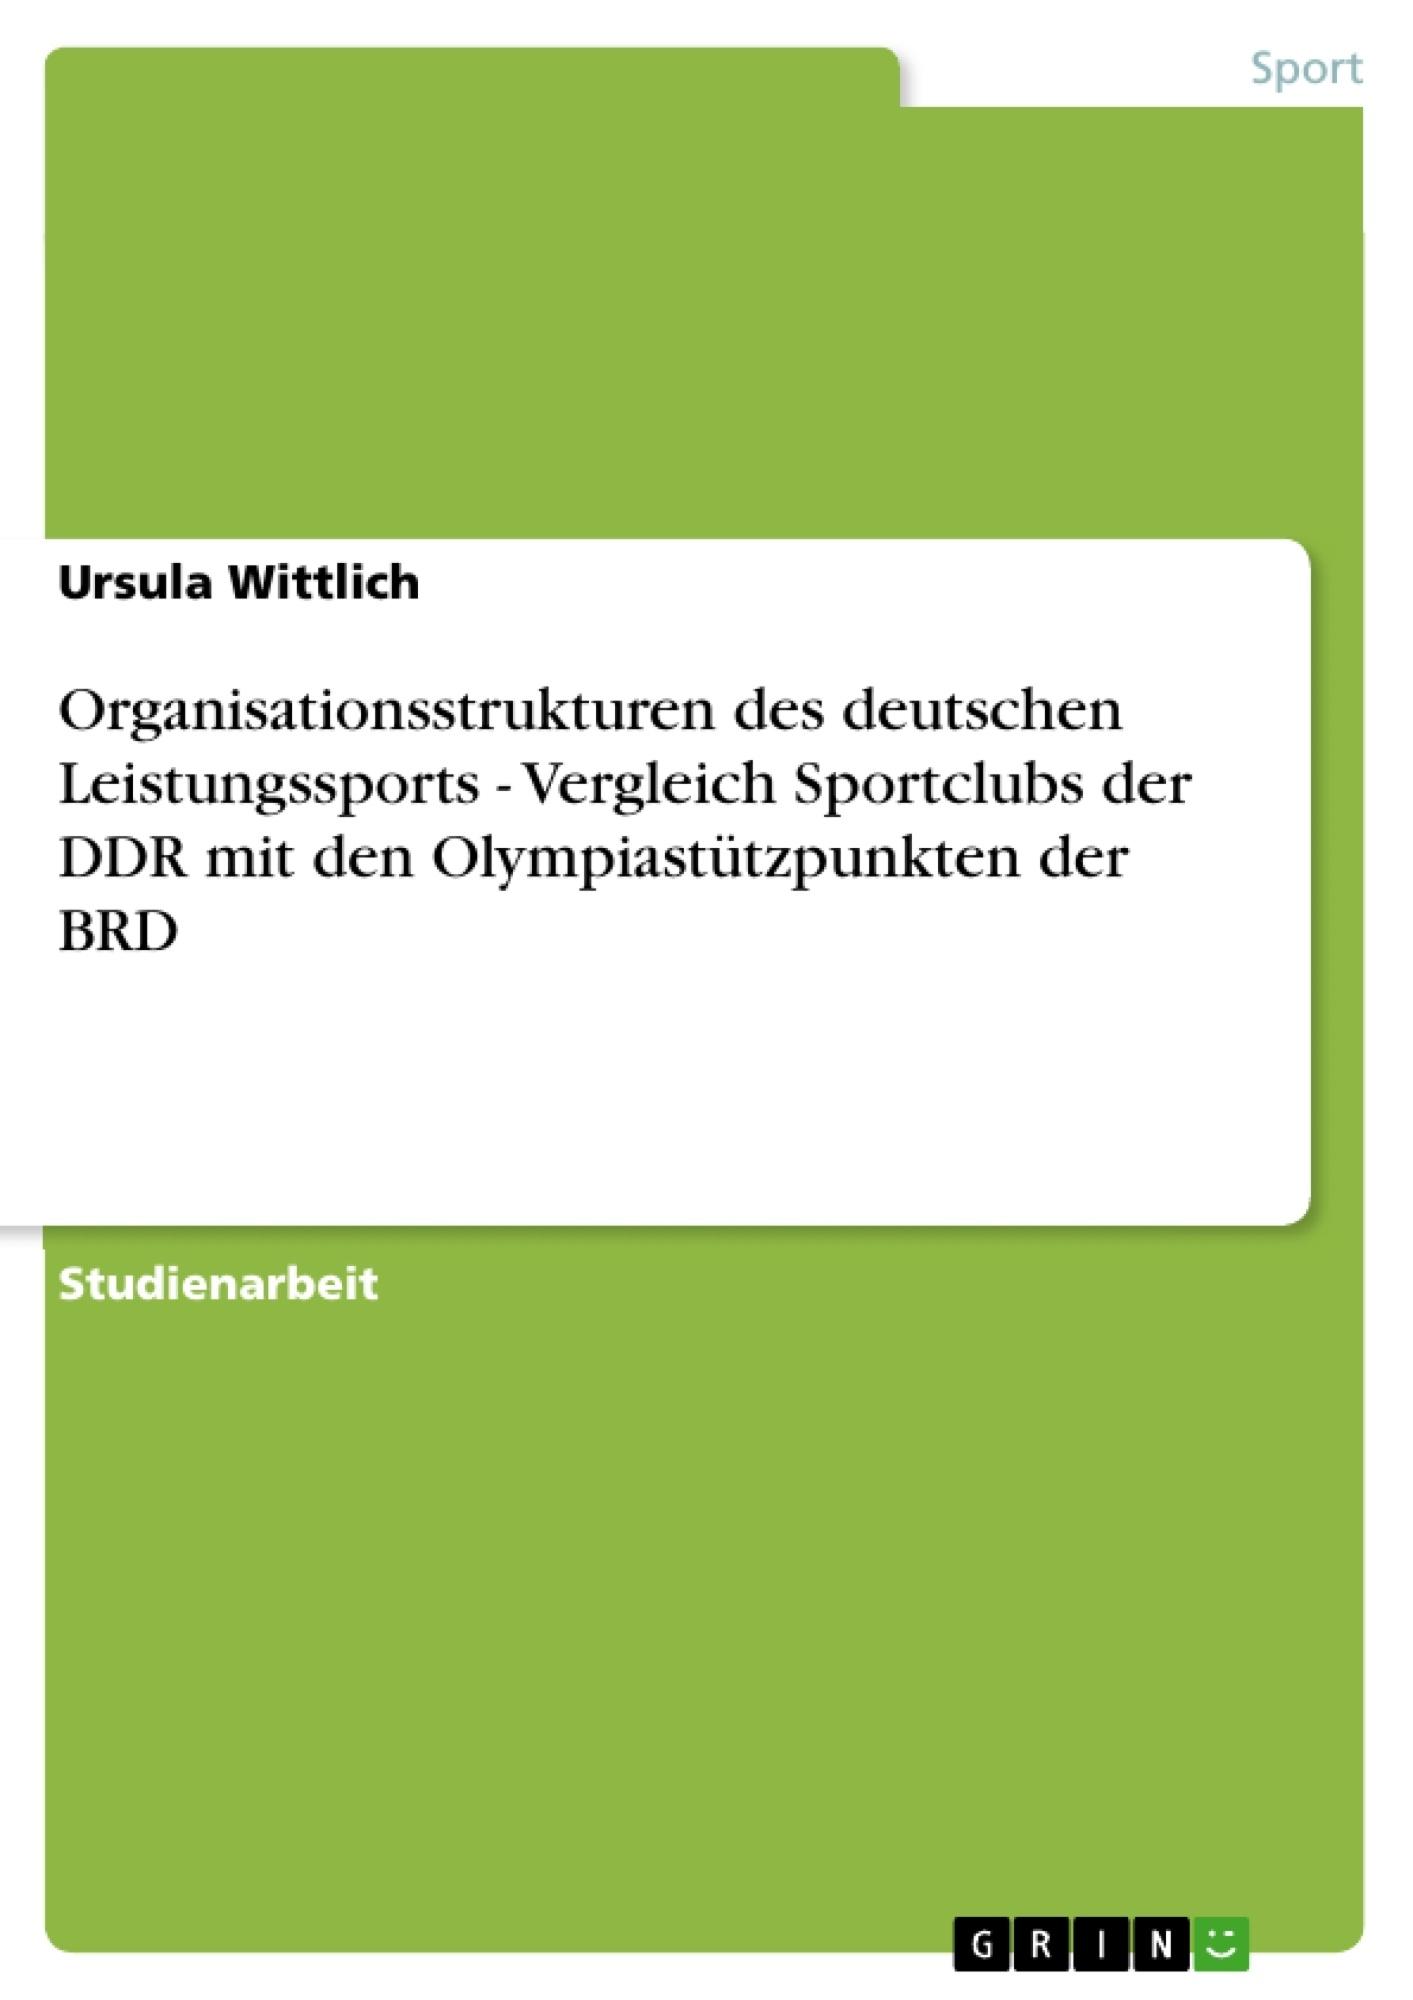 Titel: Organisationsstrukturen des deutschen Leistungssports - Vergleich Sportclubs der DDR mit den Olympiastützpunkten der BRD